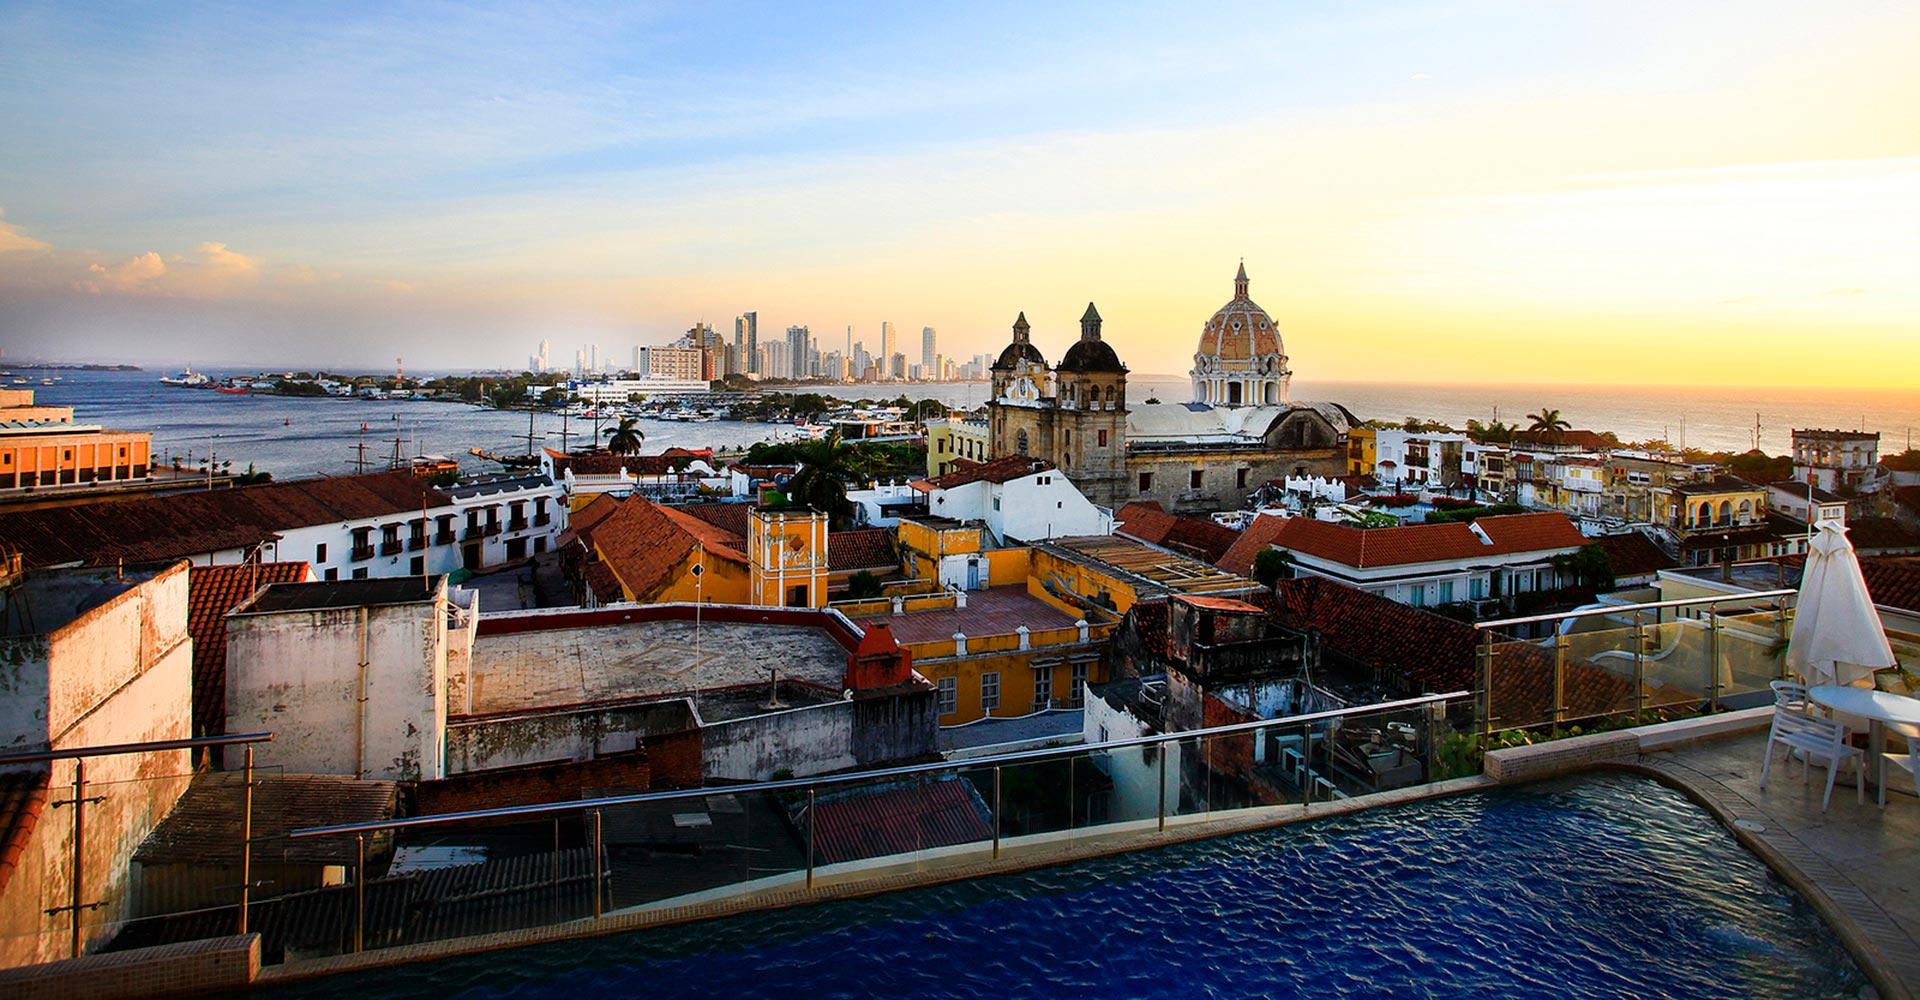 Kolumbien_Cartagena_Altstadt_Daemmerung_Reisen